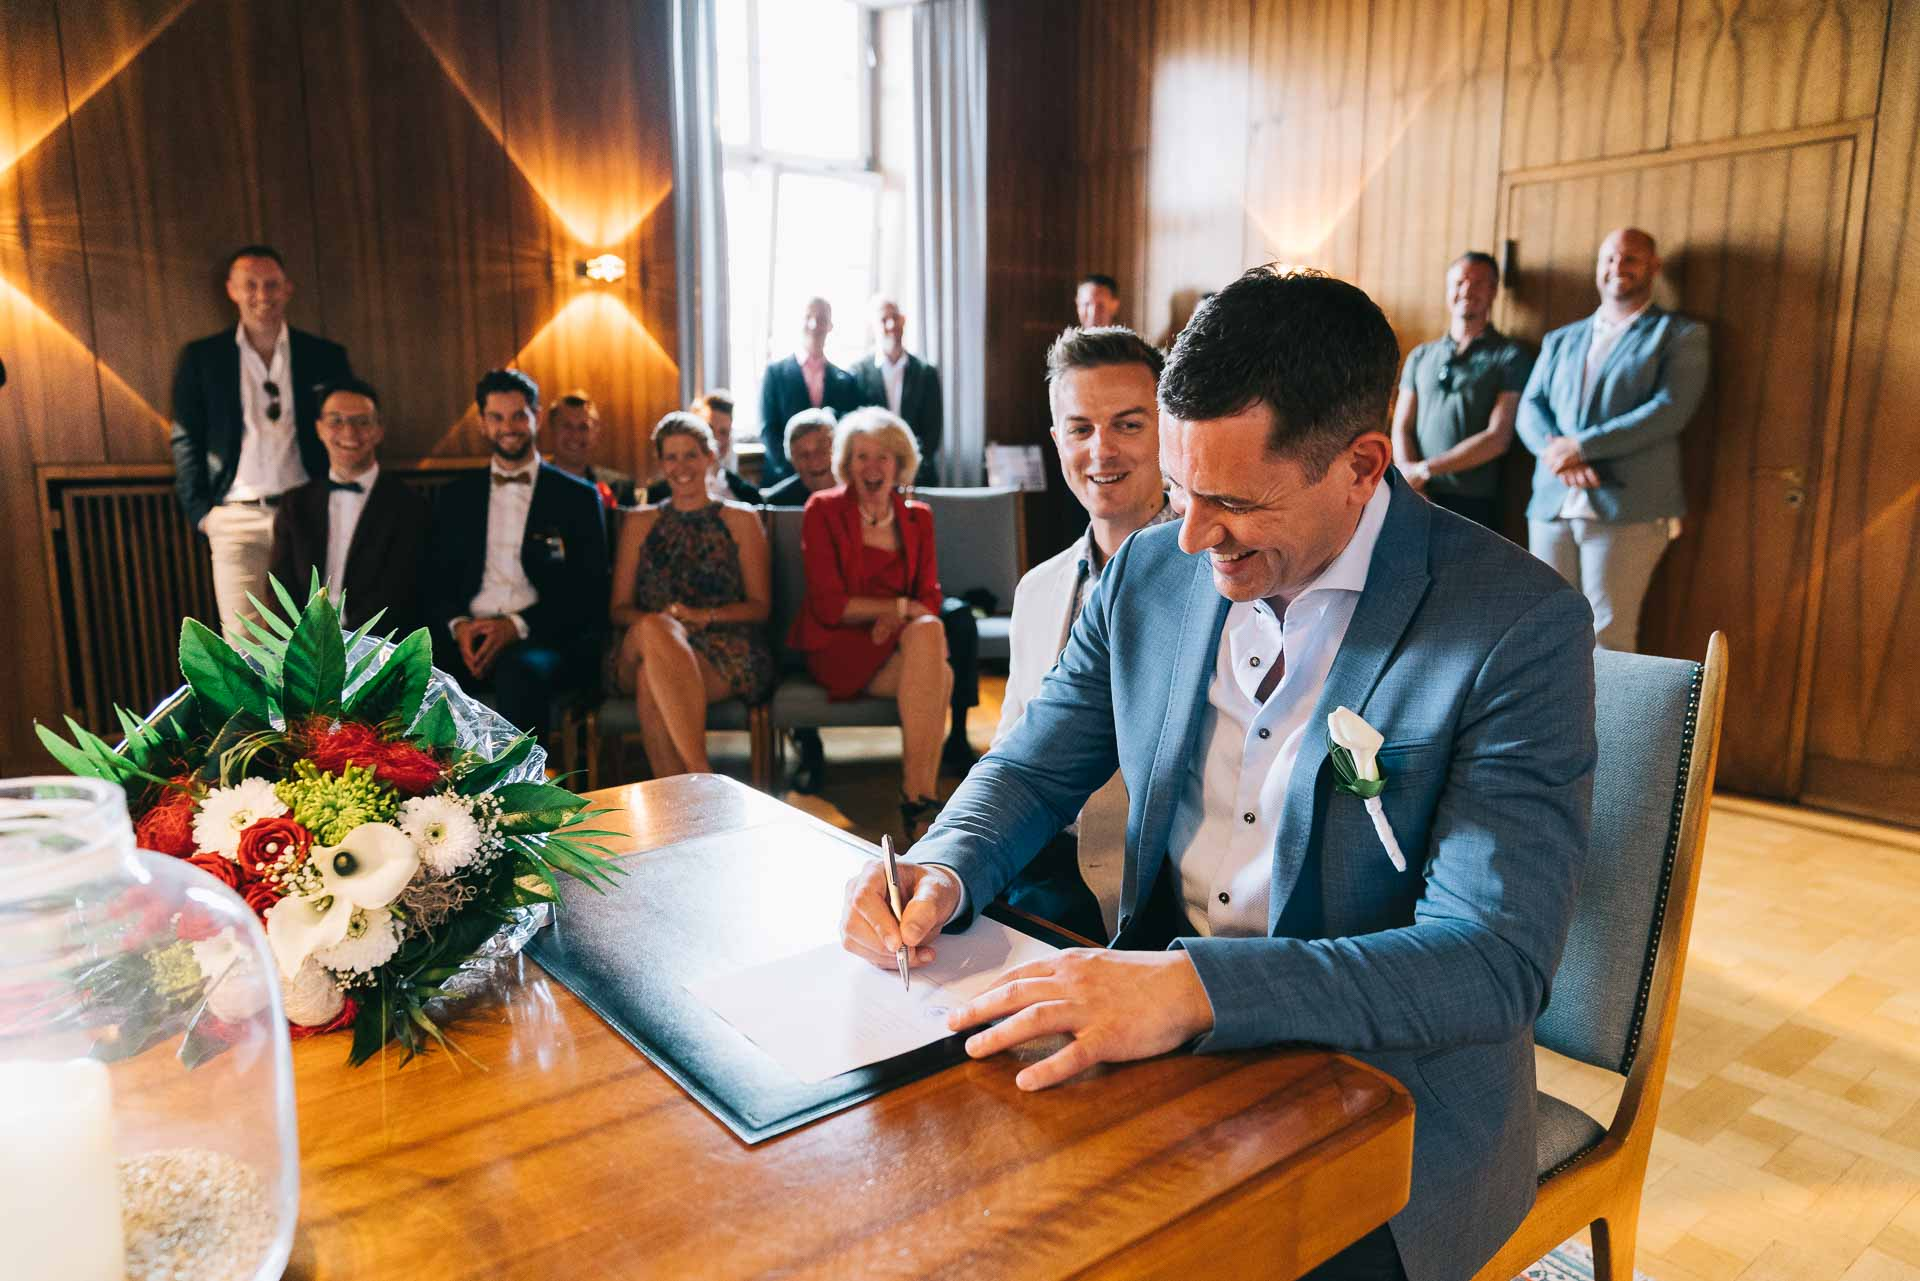 Das Brautpaar unterschreibt den Vertrag im Standesamt.